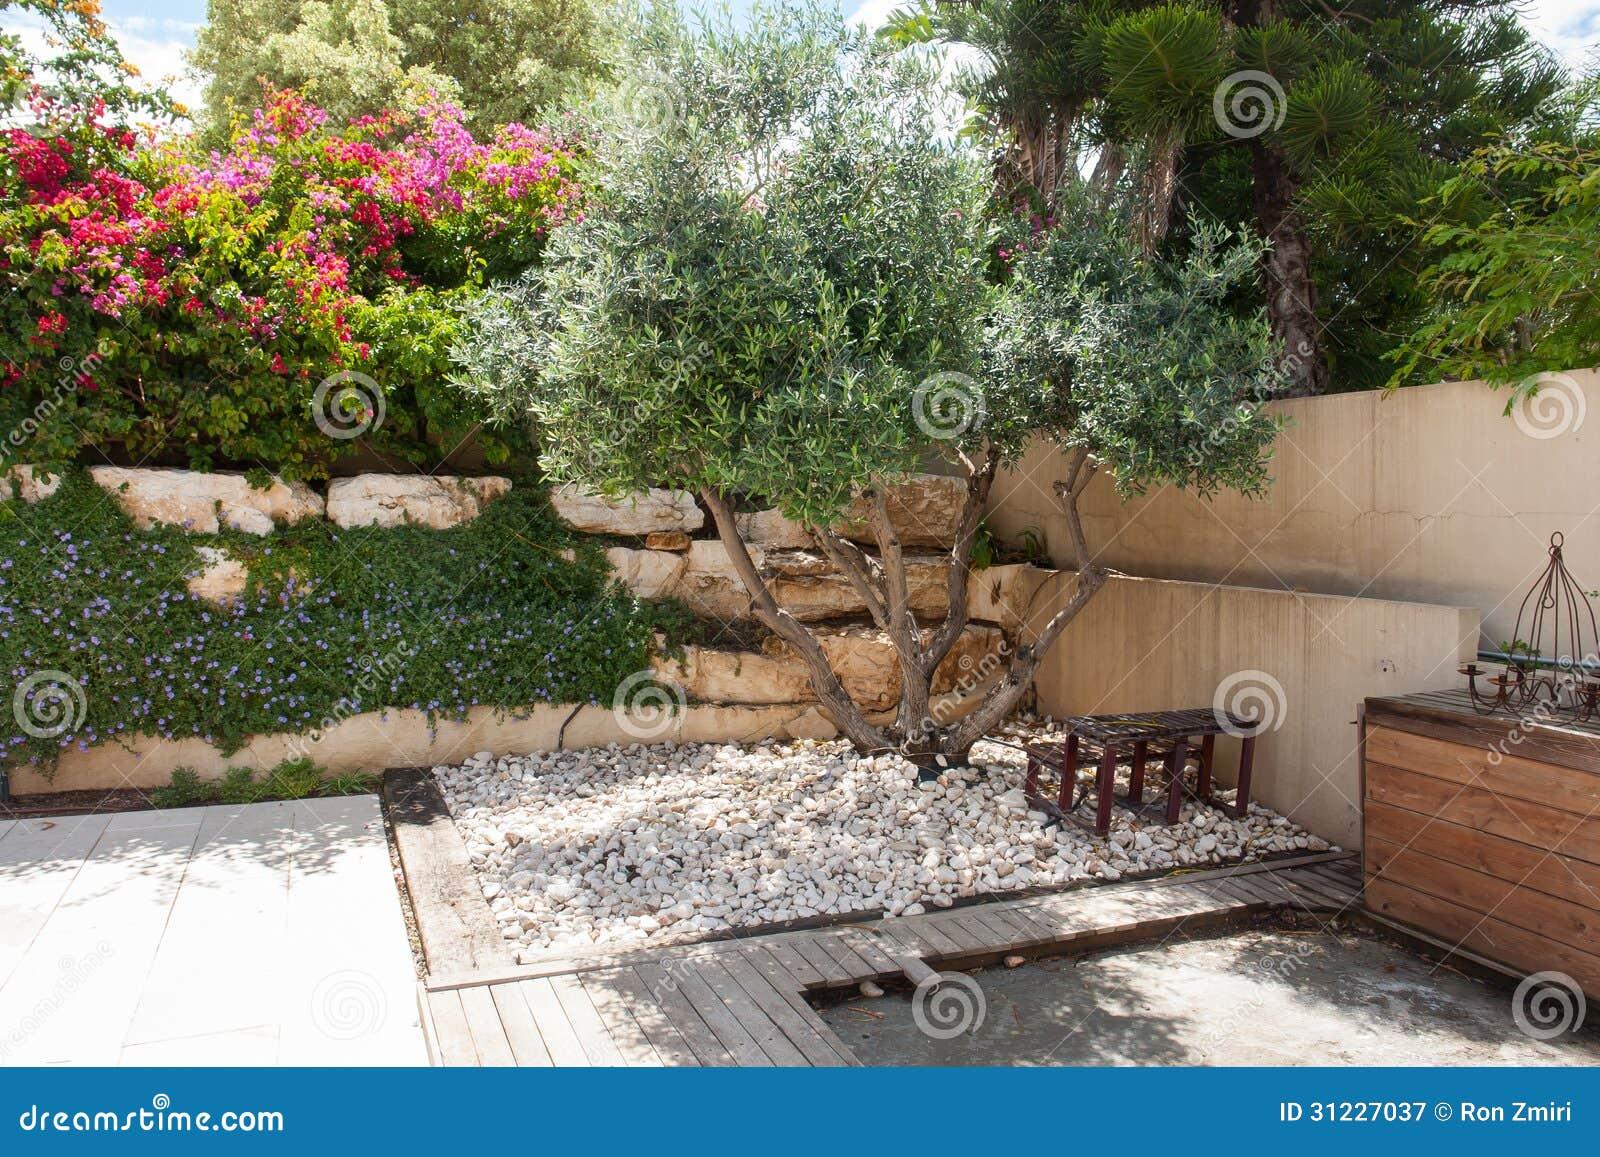 Famoso Giardino mediterraneo fotografia stock. Immagine di estate - 14014324 CO66